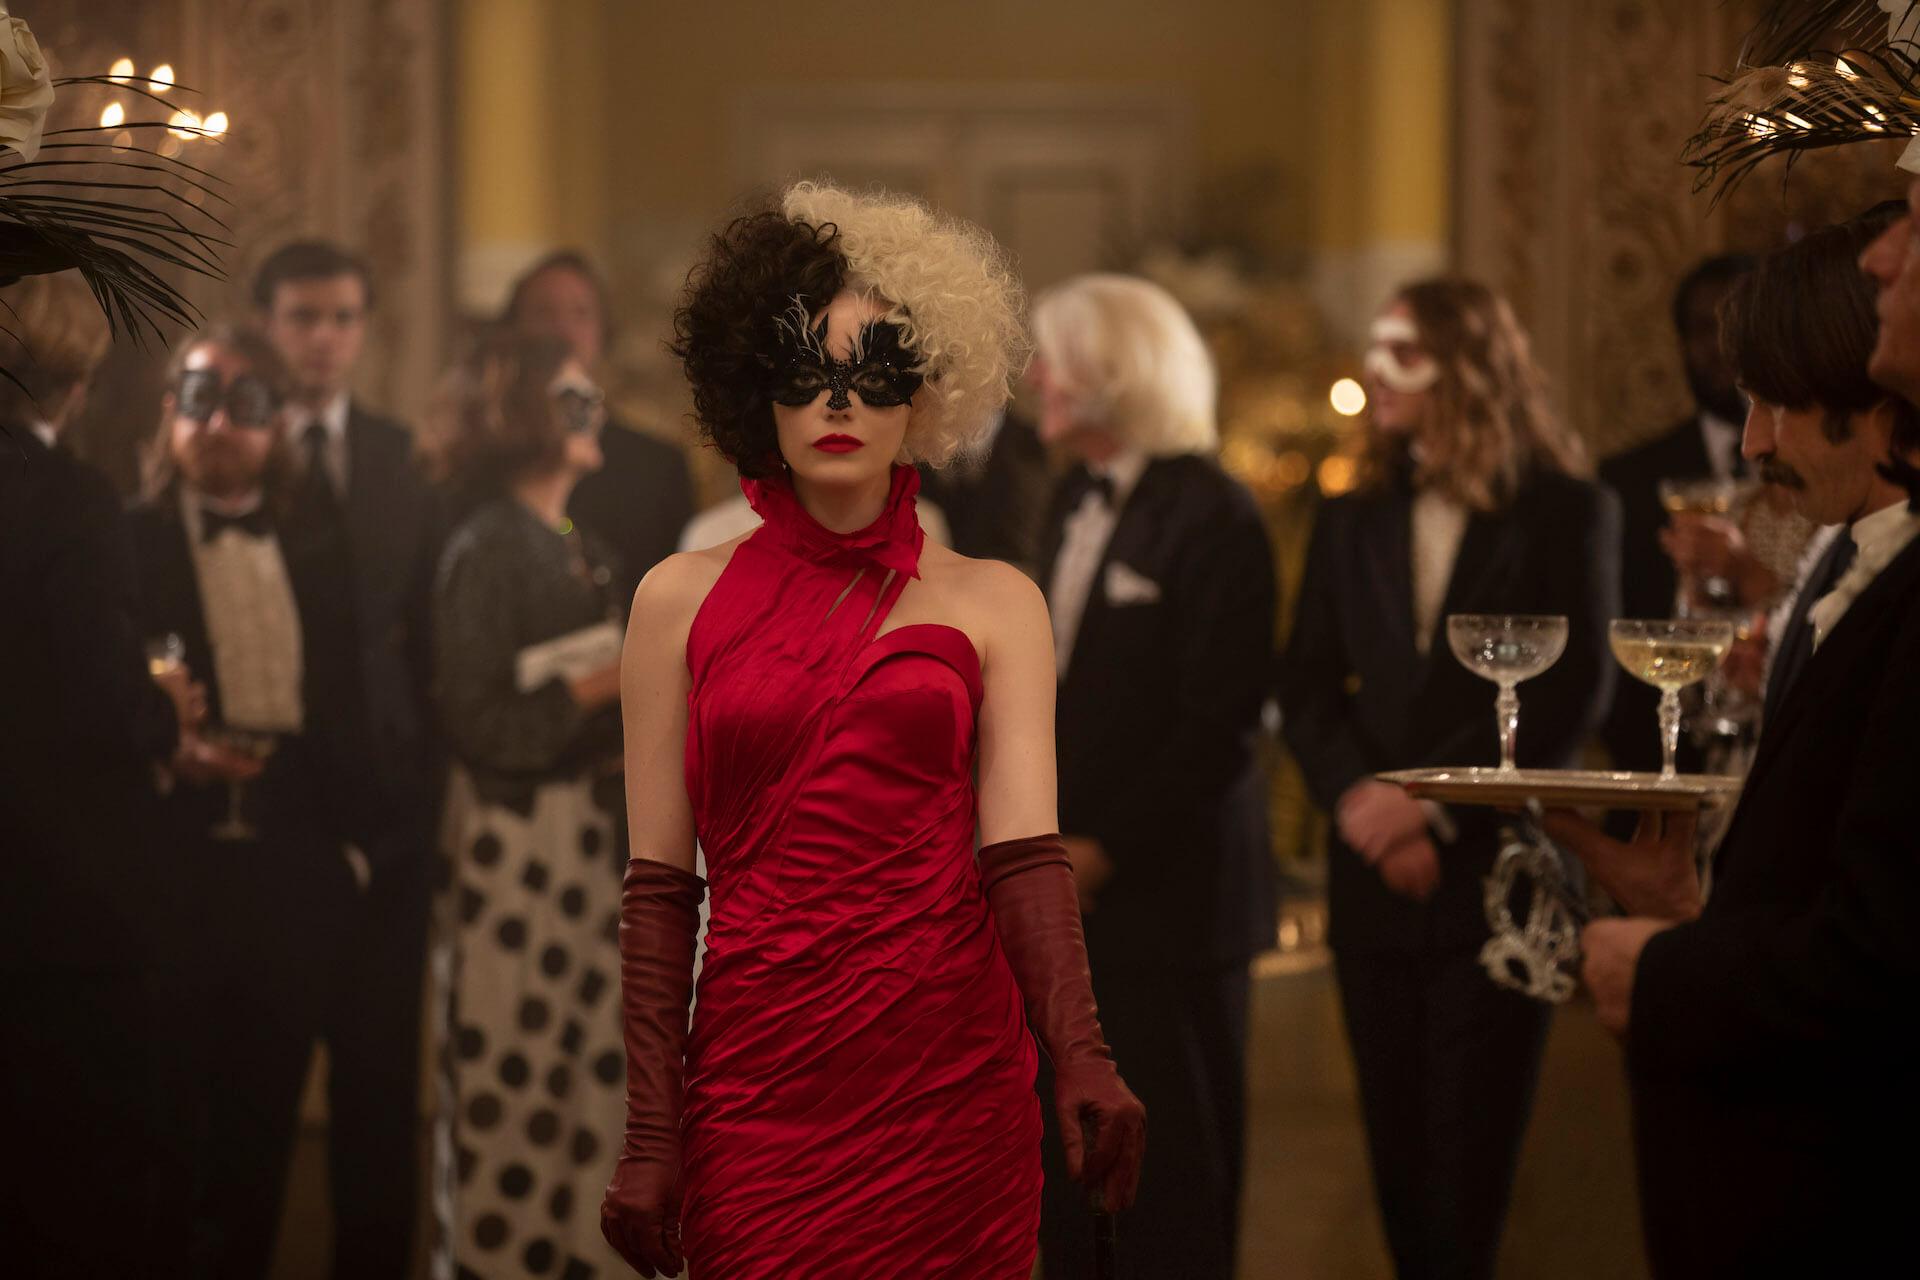 『クルエラ』クレイグ・ギレスピー監督がエマ・ストーン演じるクルエラの魅力を語る!インタビューが到着 film210513_cruella_5